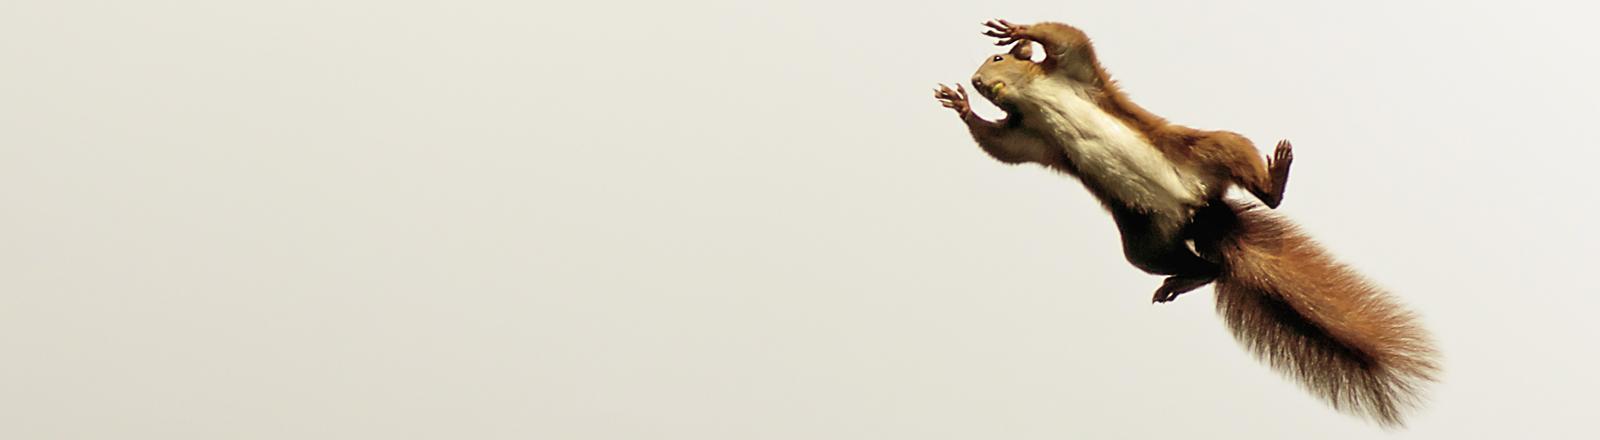 Ein Eichhörnchen springt durch die Luft.